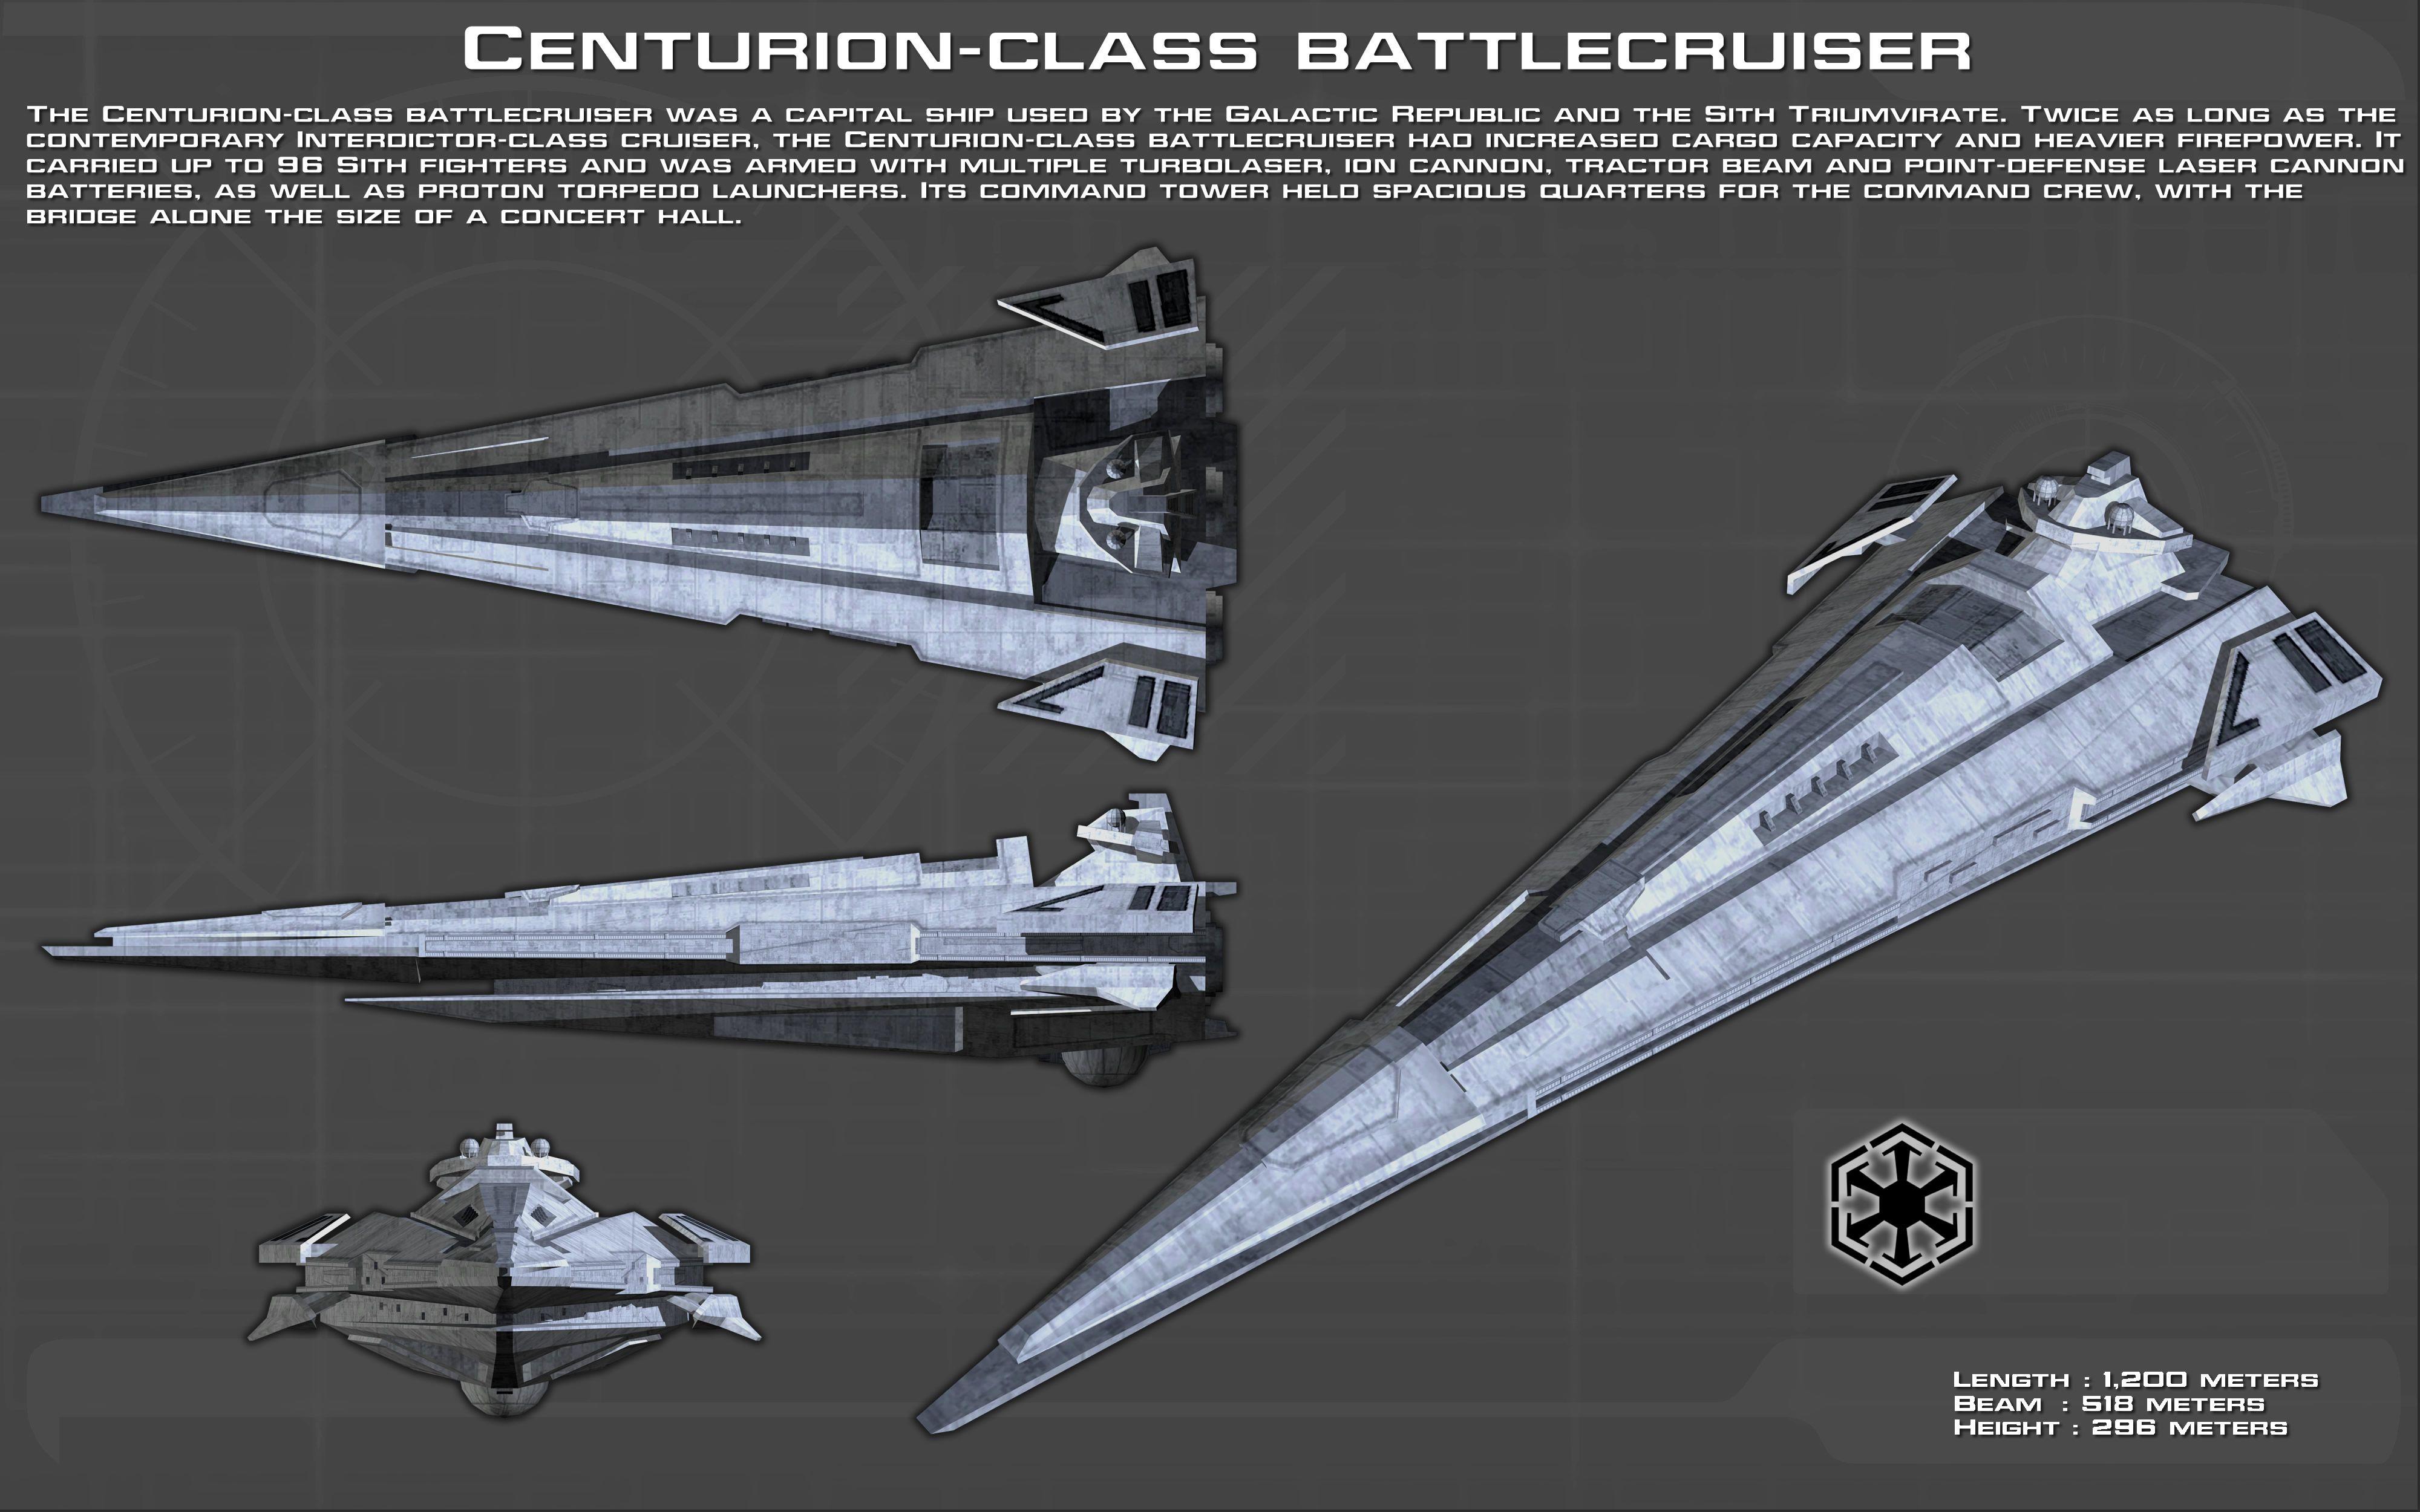 Centurion-class battlecruiser ortho [New] by unusualsuspex